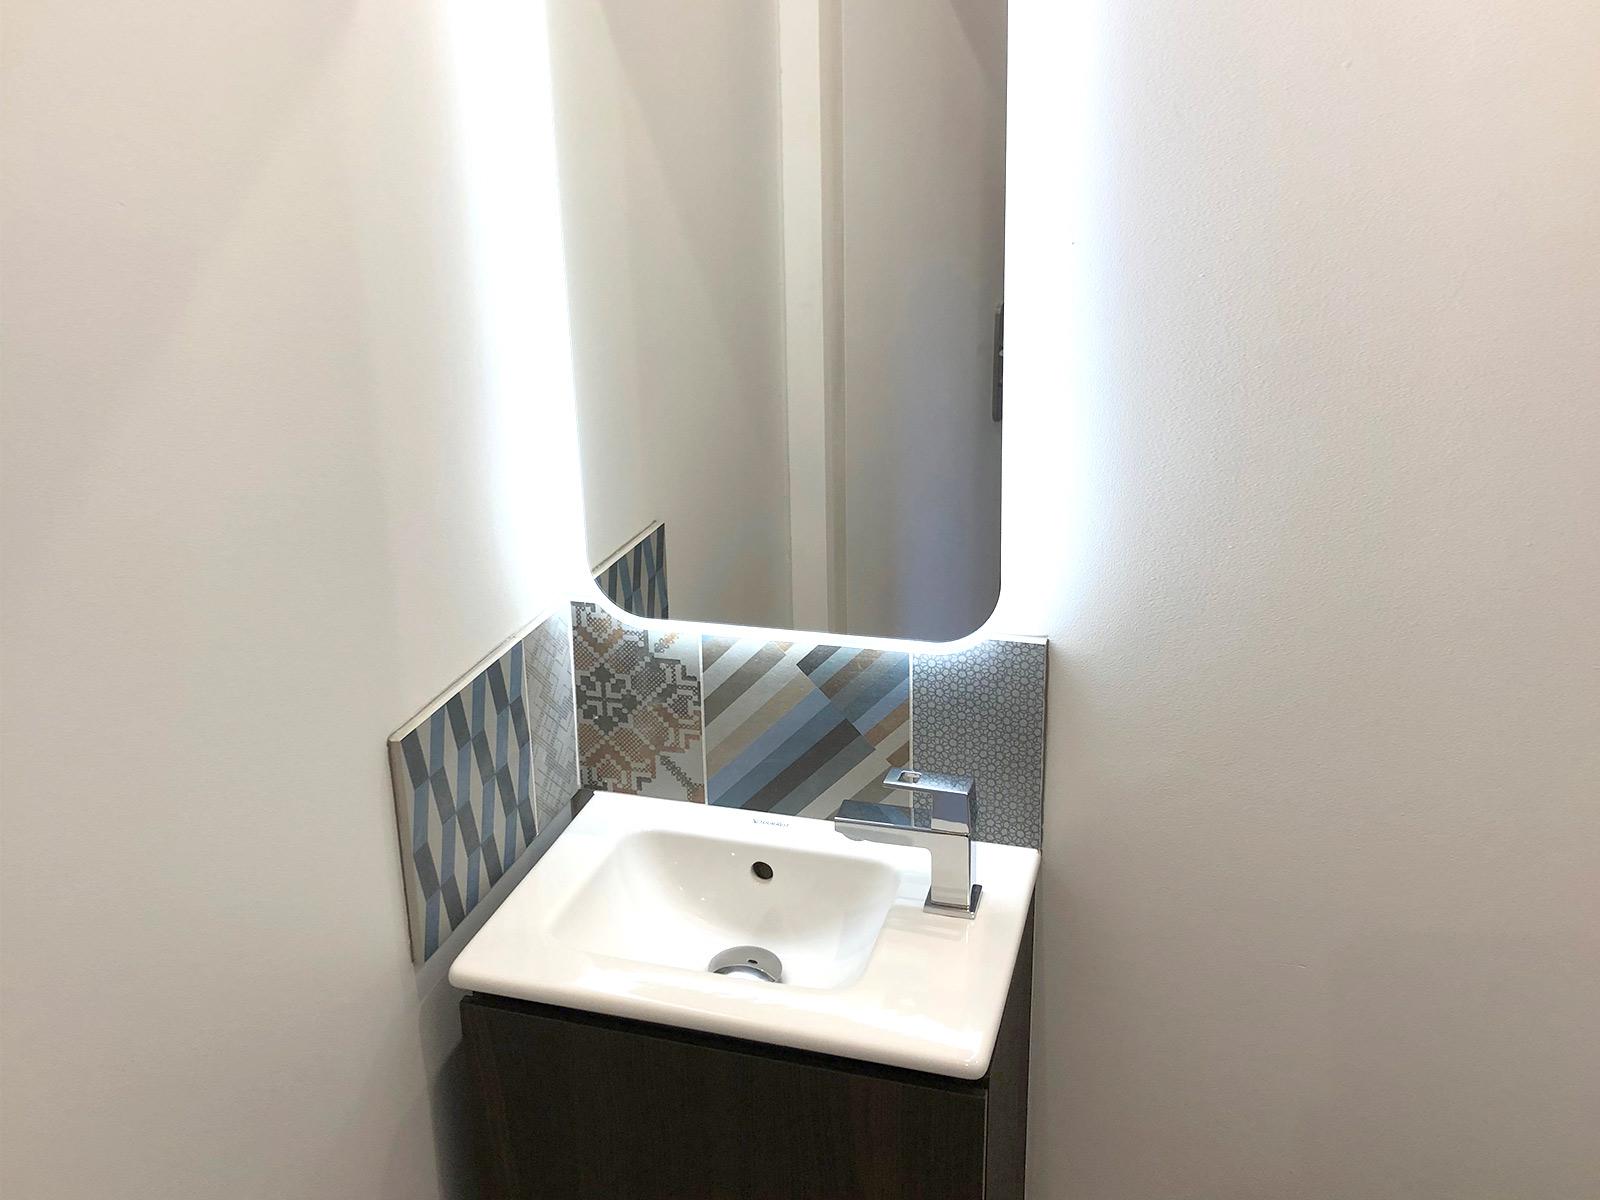 Lave-main & miroir rétro-éclairé